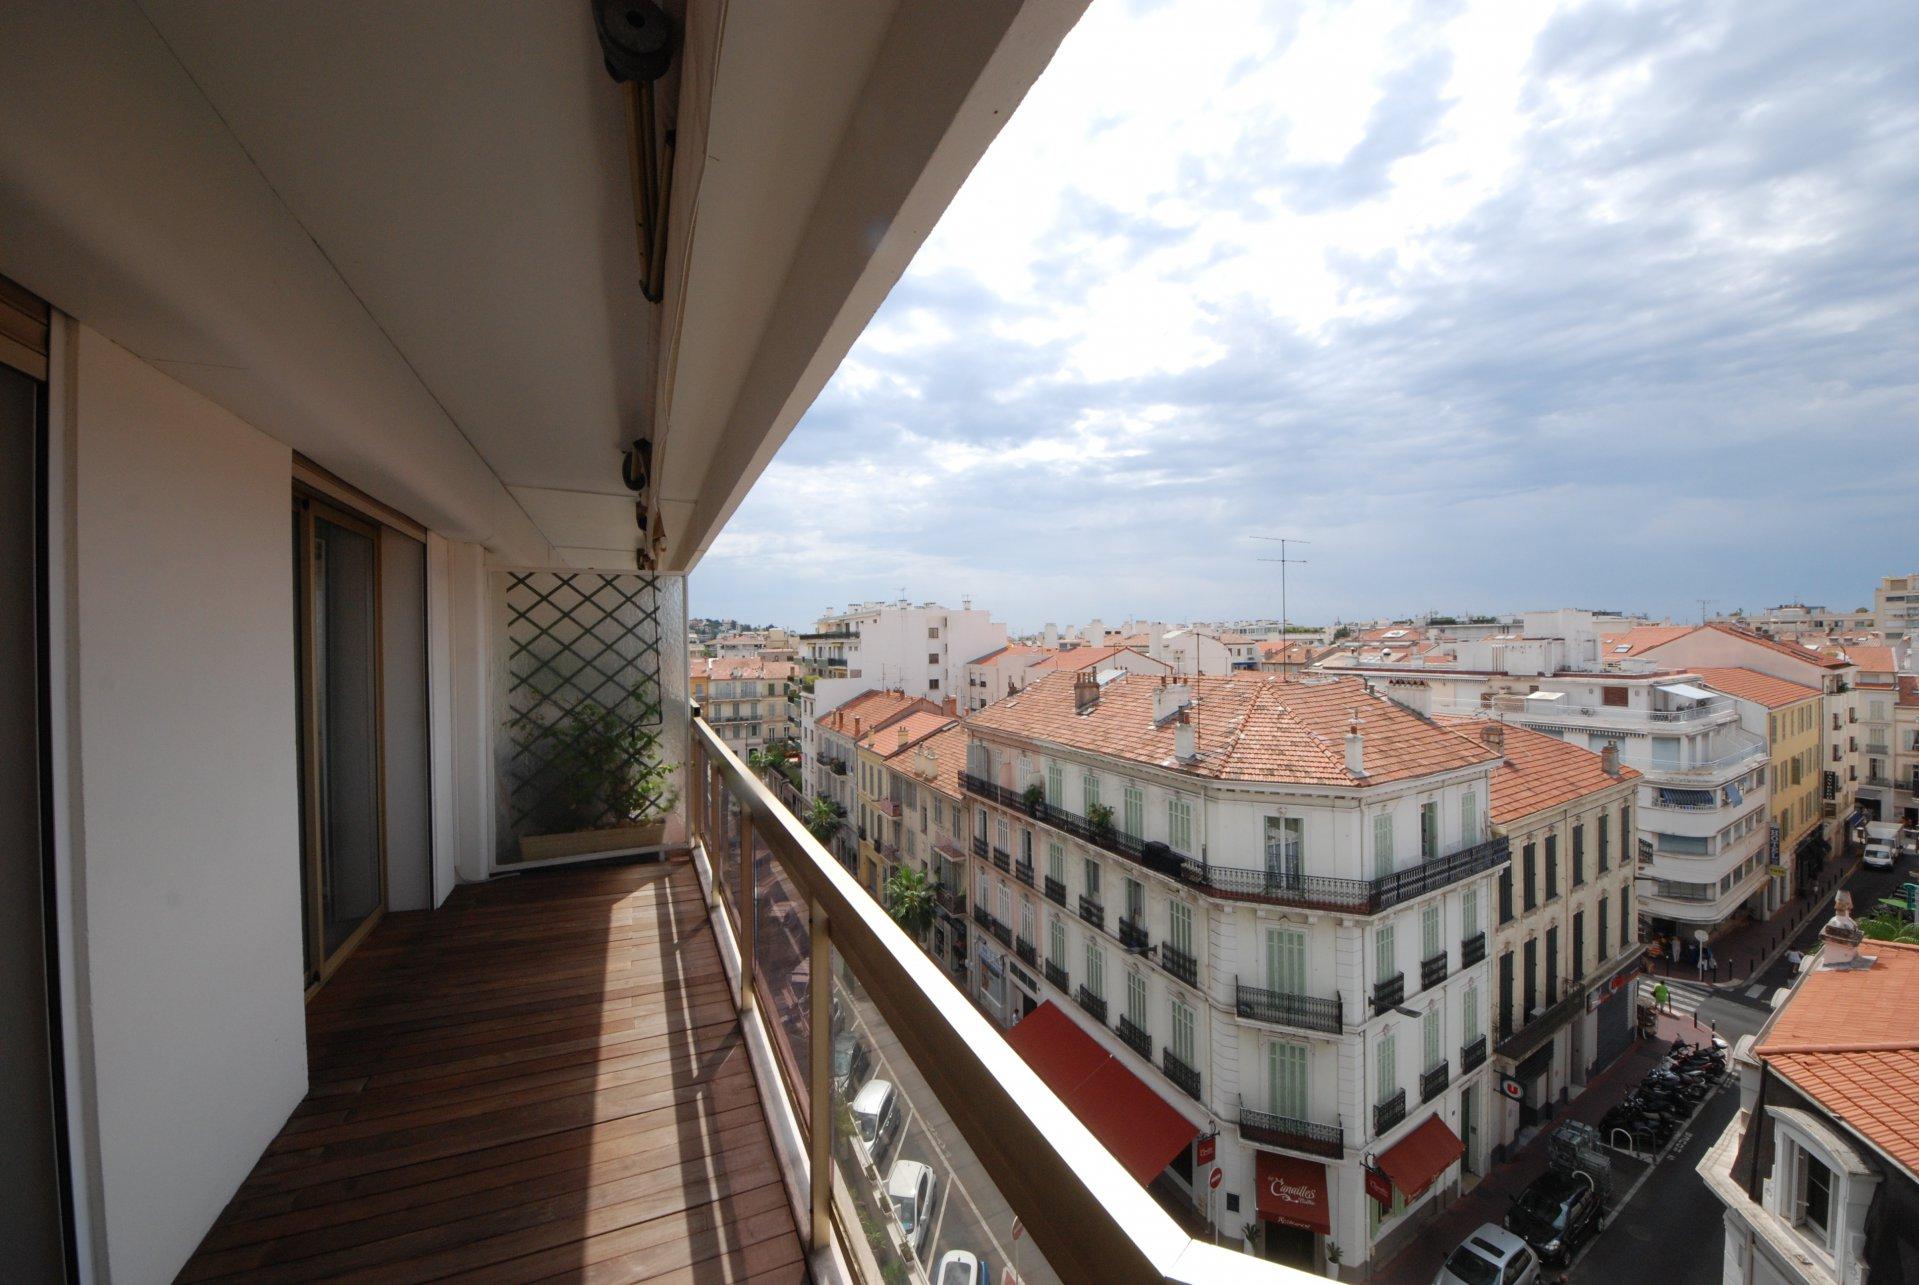 location congrès 2 pièces au centre de Cannes